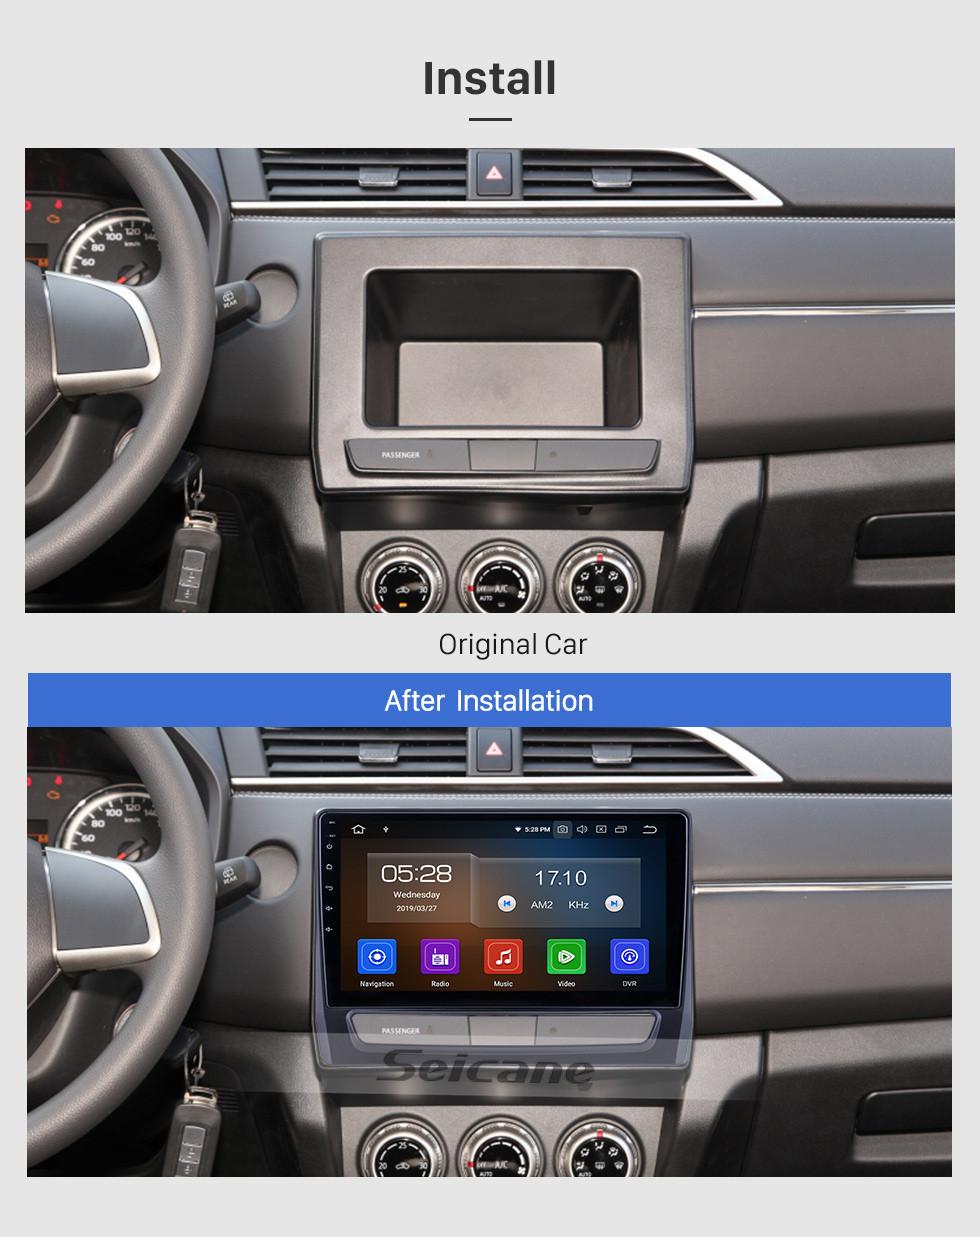 Seicane 10,1 дюймов для 2020 Mitsubishi ASX Radio Android 10.0 GPS навигационная система Bluetooth HD с сенсорным экраном Carplay поддержка OBD2